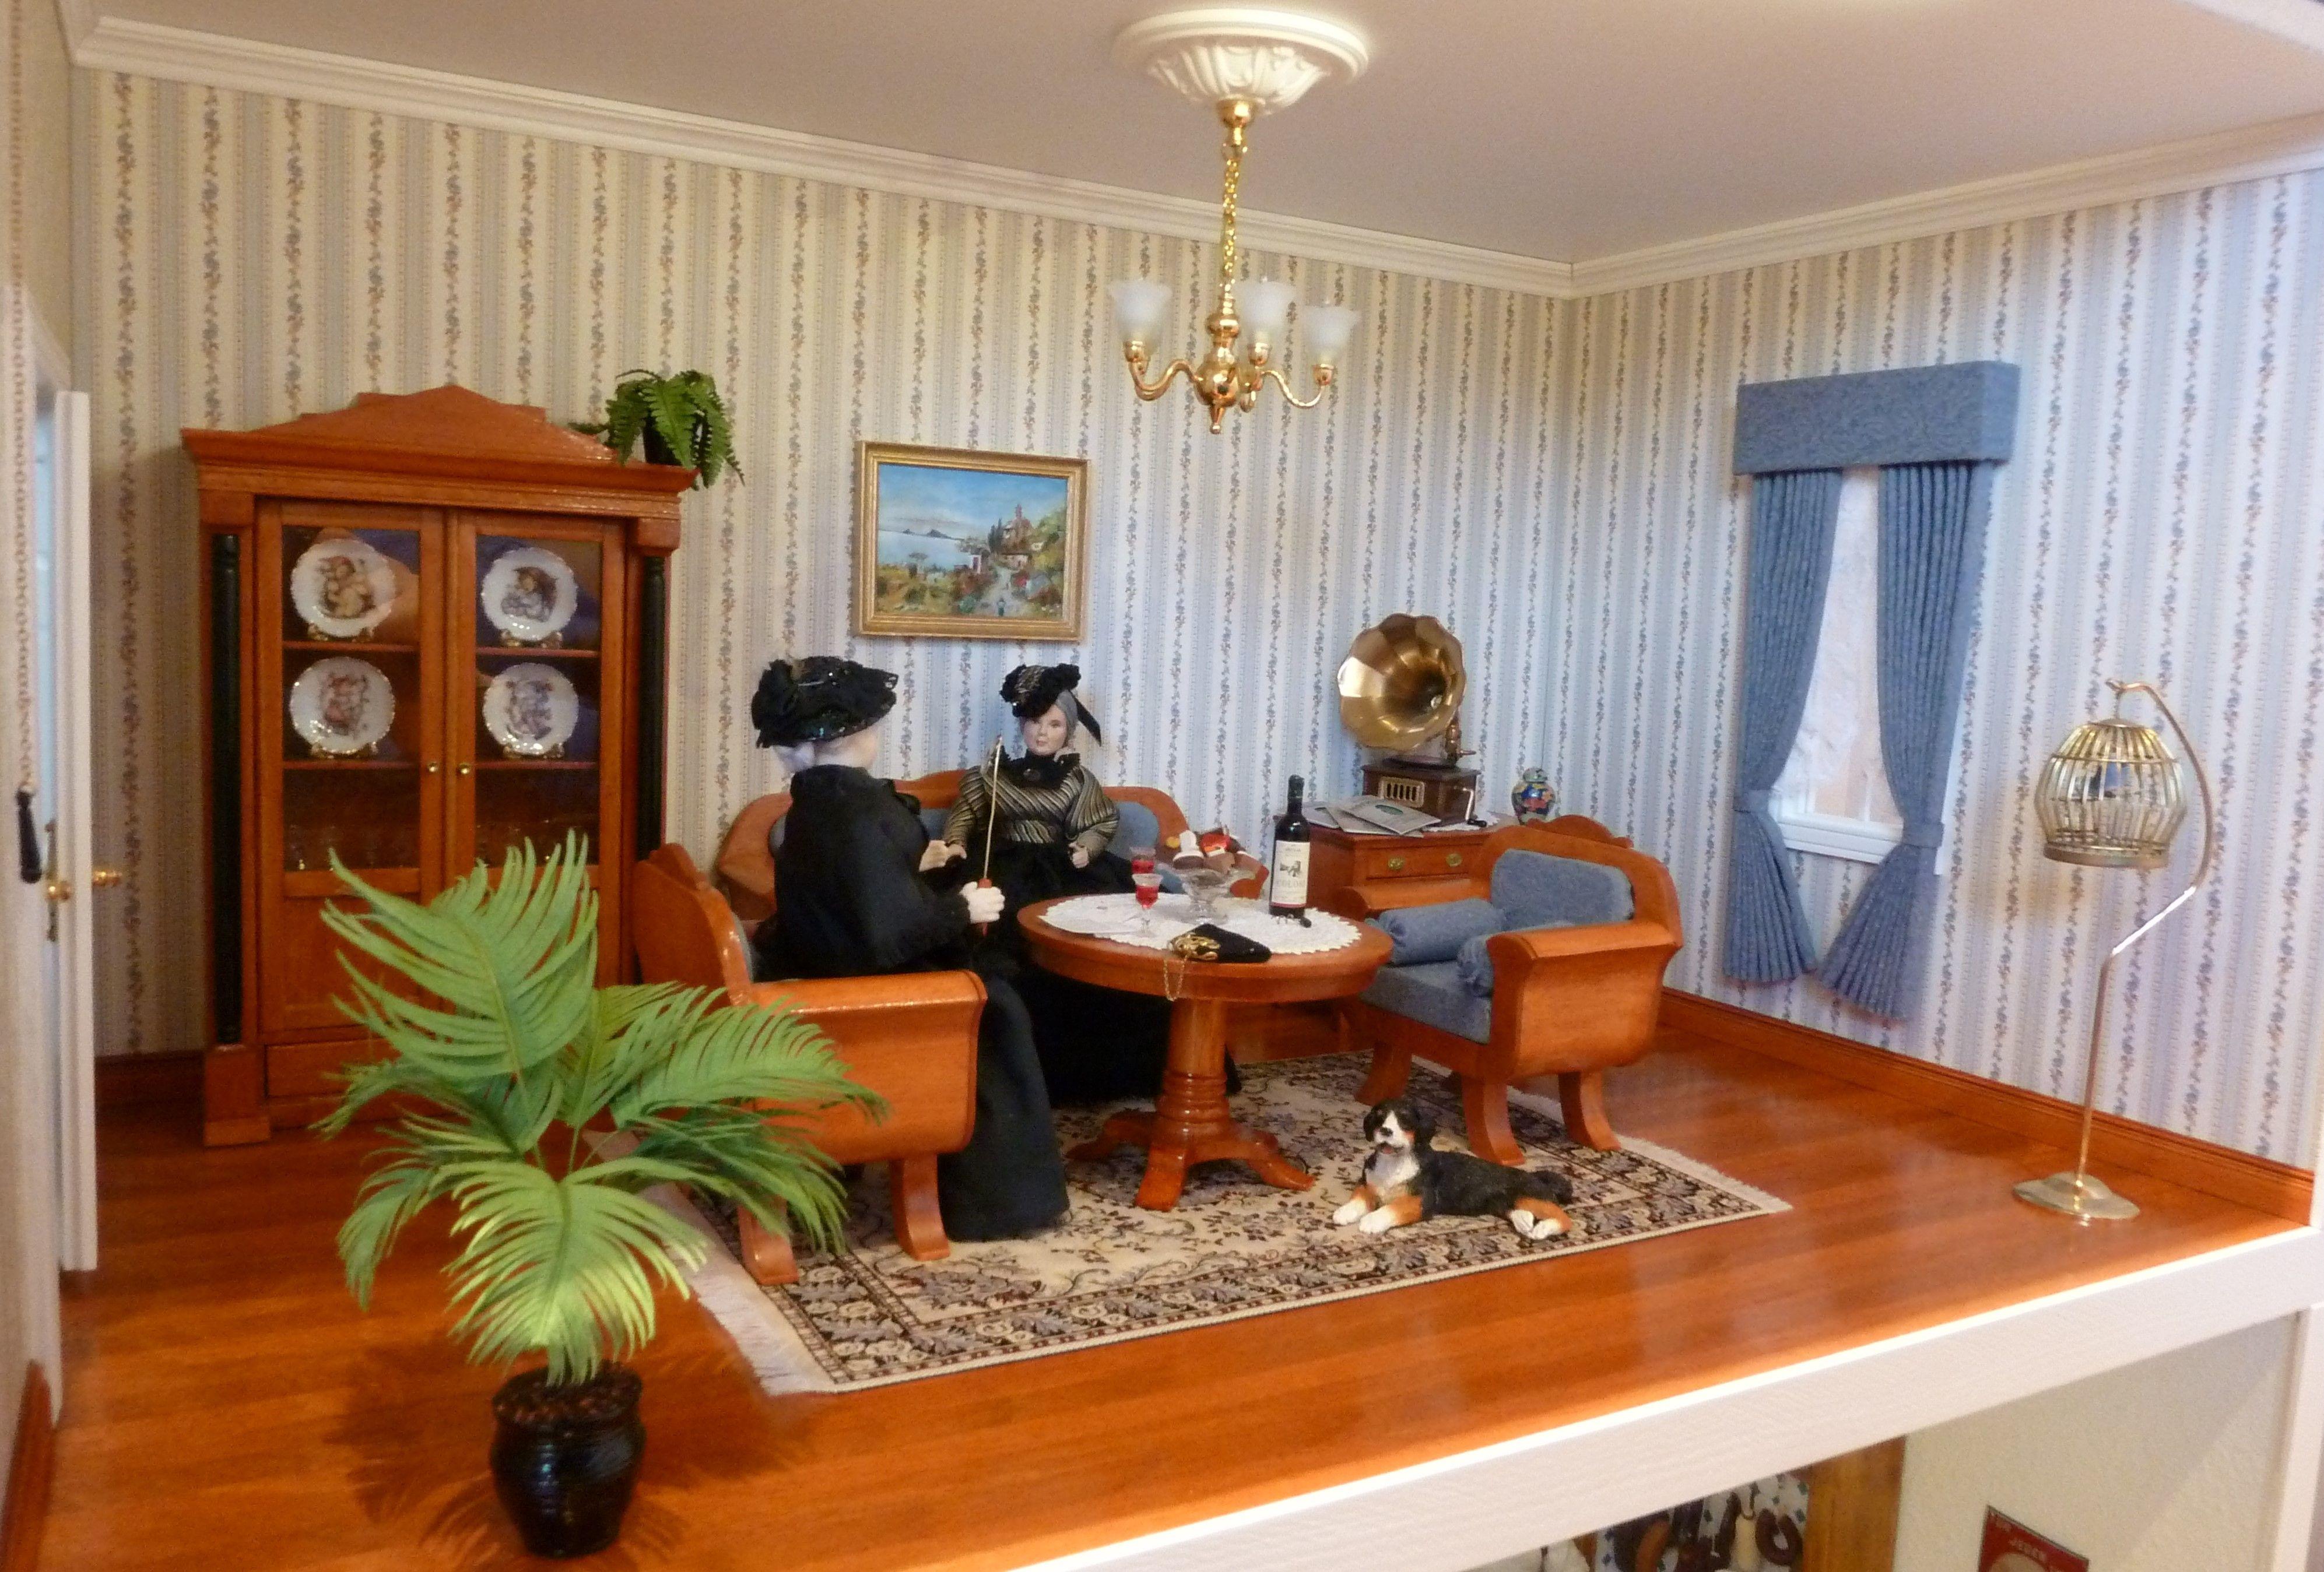 Wohnzimmer Puppenhaus 18:182  Puppenhaus, Wohnzimmer, Haus